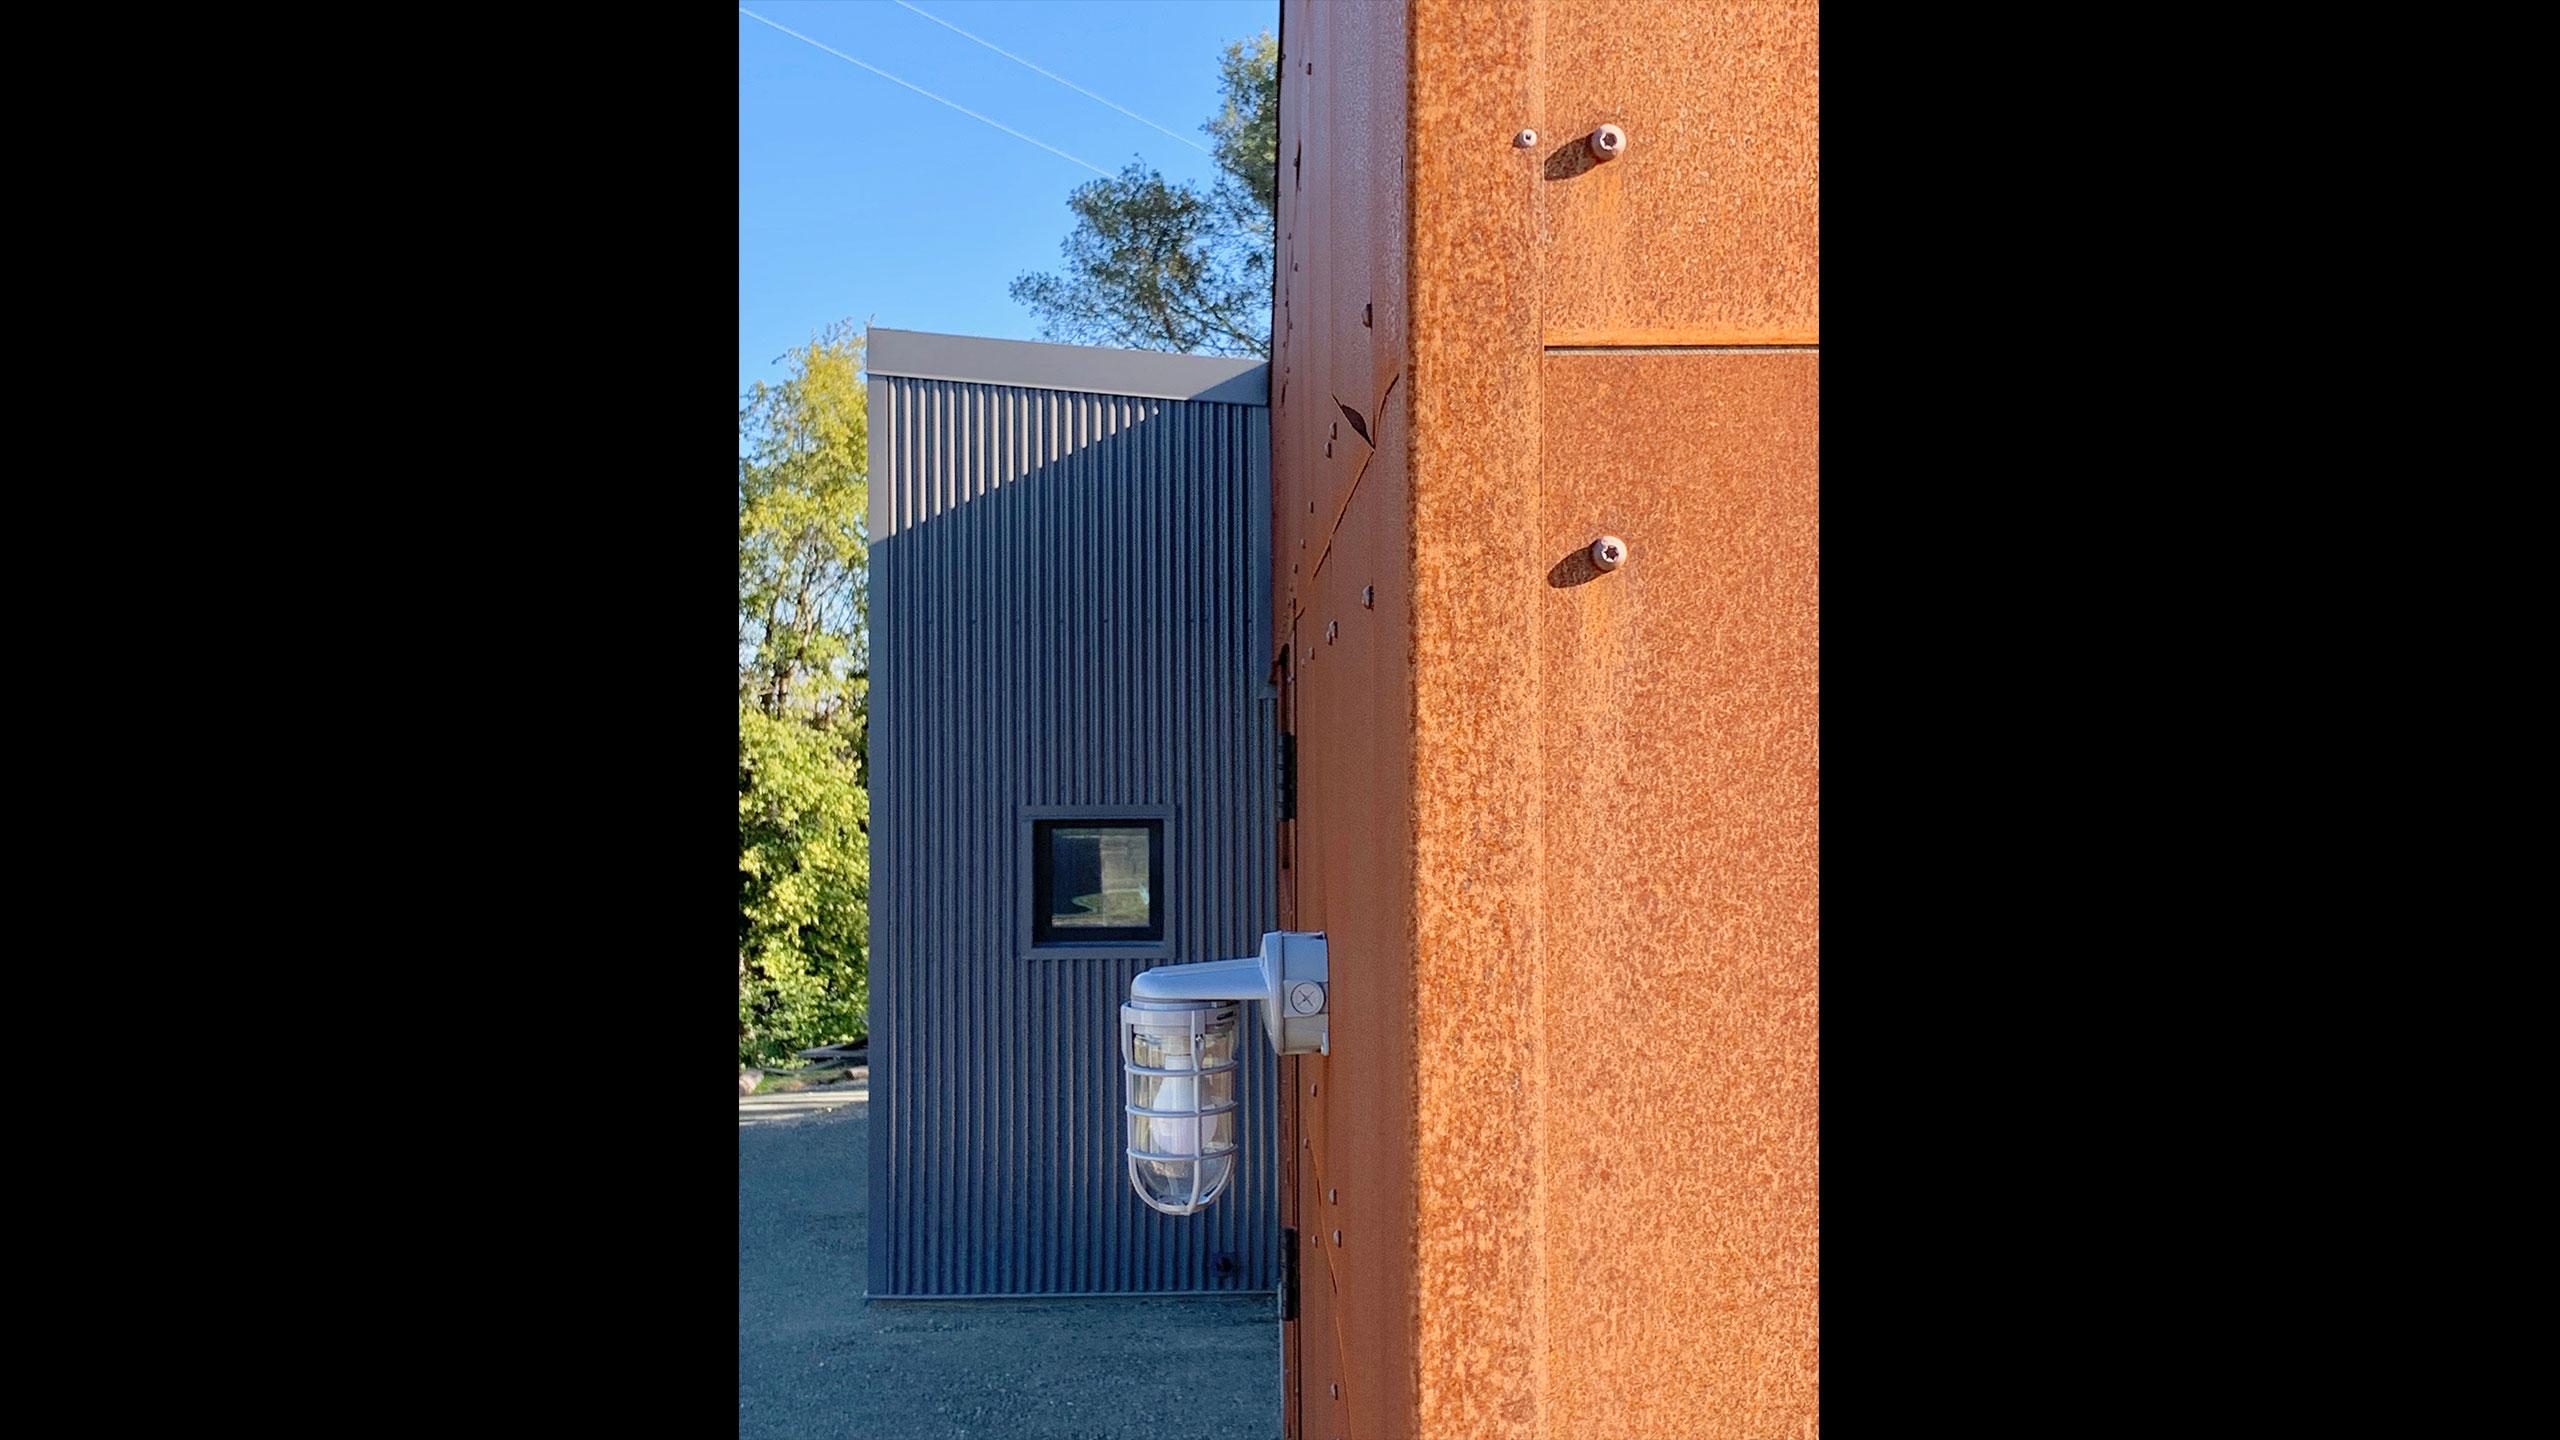 Glen-Ellen-metal-prefab-corten-steel-and-corrugated-metal-close-up